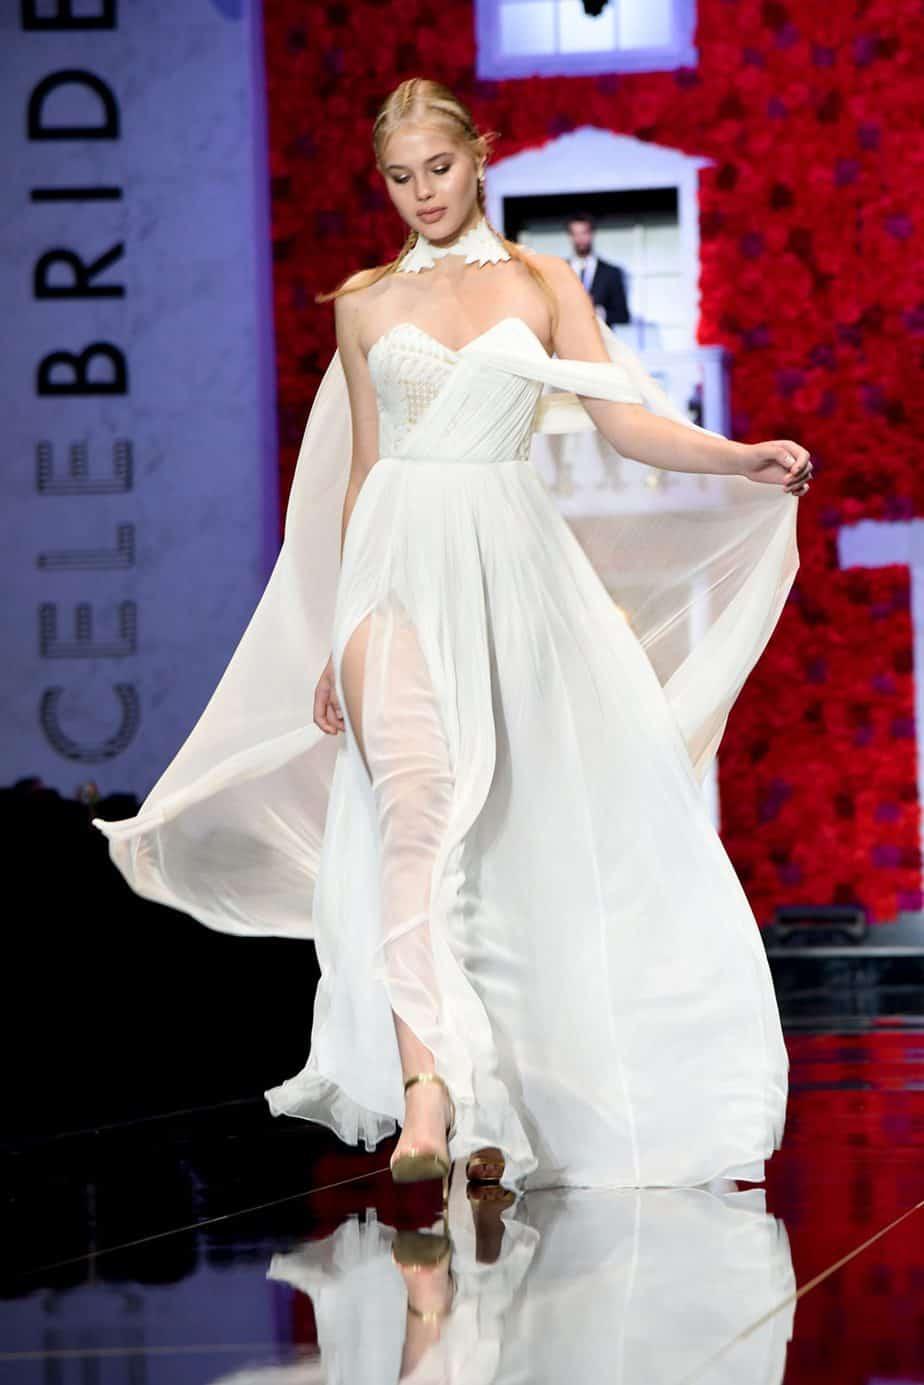 אנה. שמלת כלה - אוליבר. צילום: לימור יערי